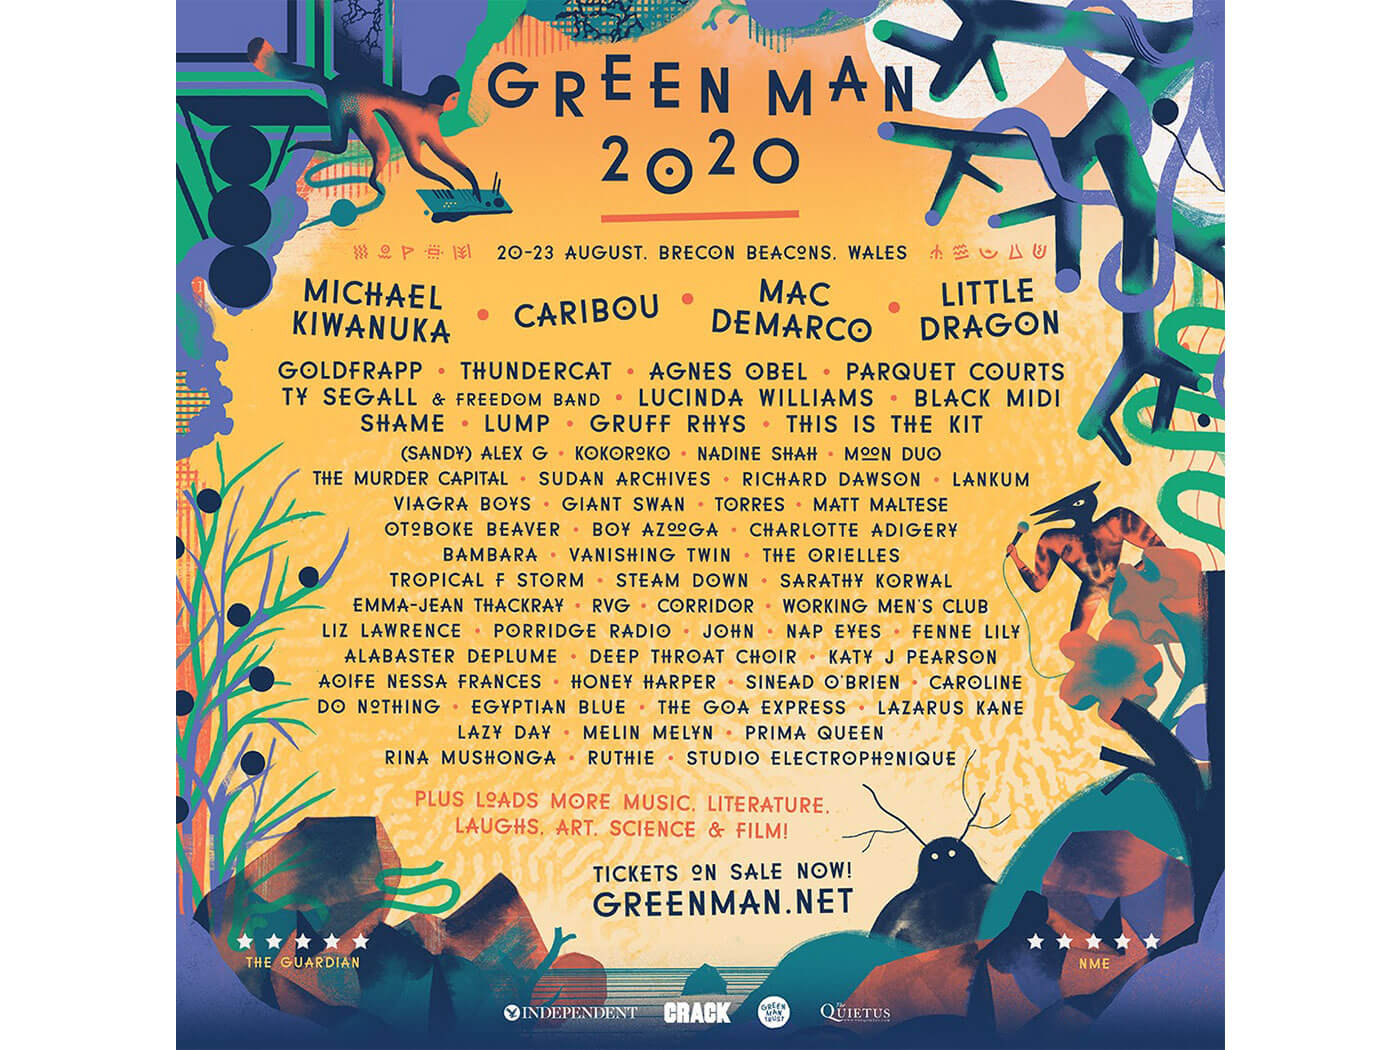 Green Man's Lineup